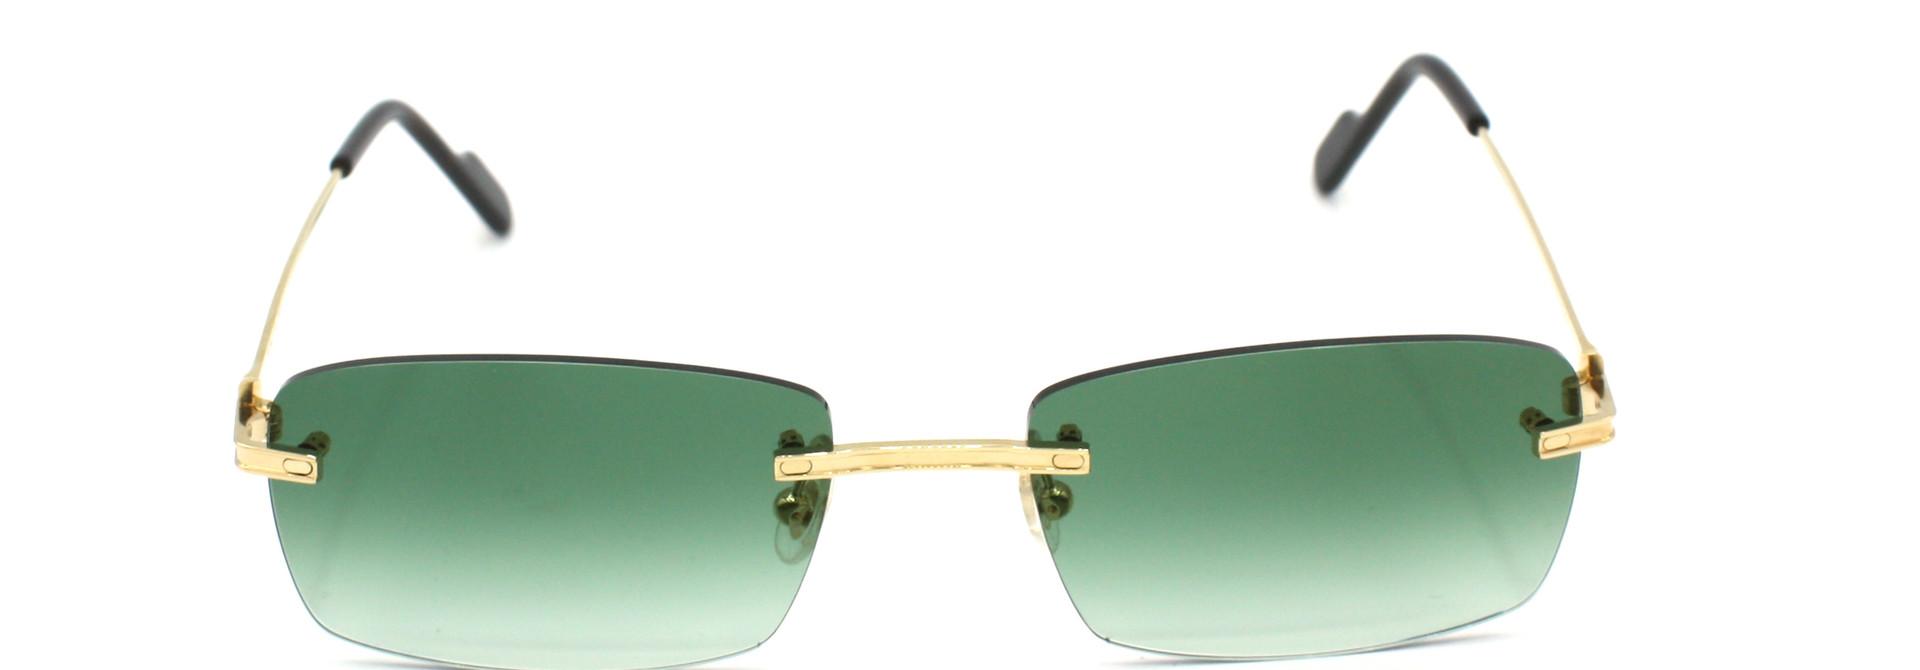 Cartier - CT0259O - 002 Green Degrade